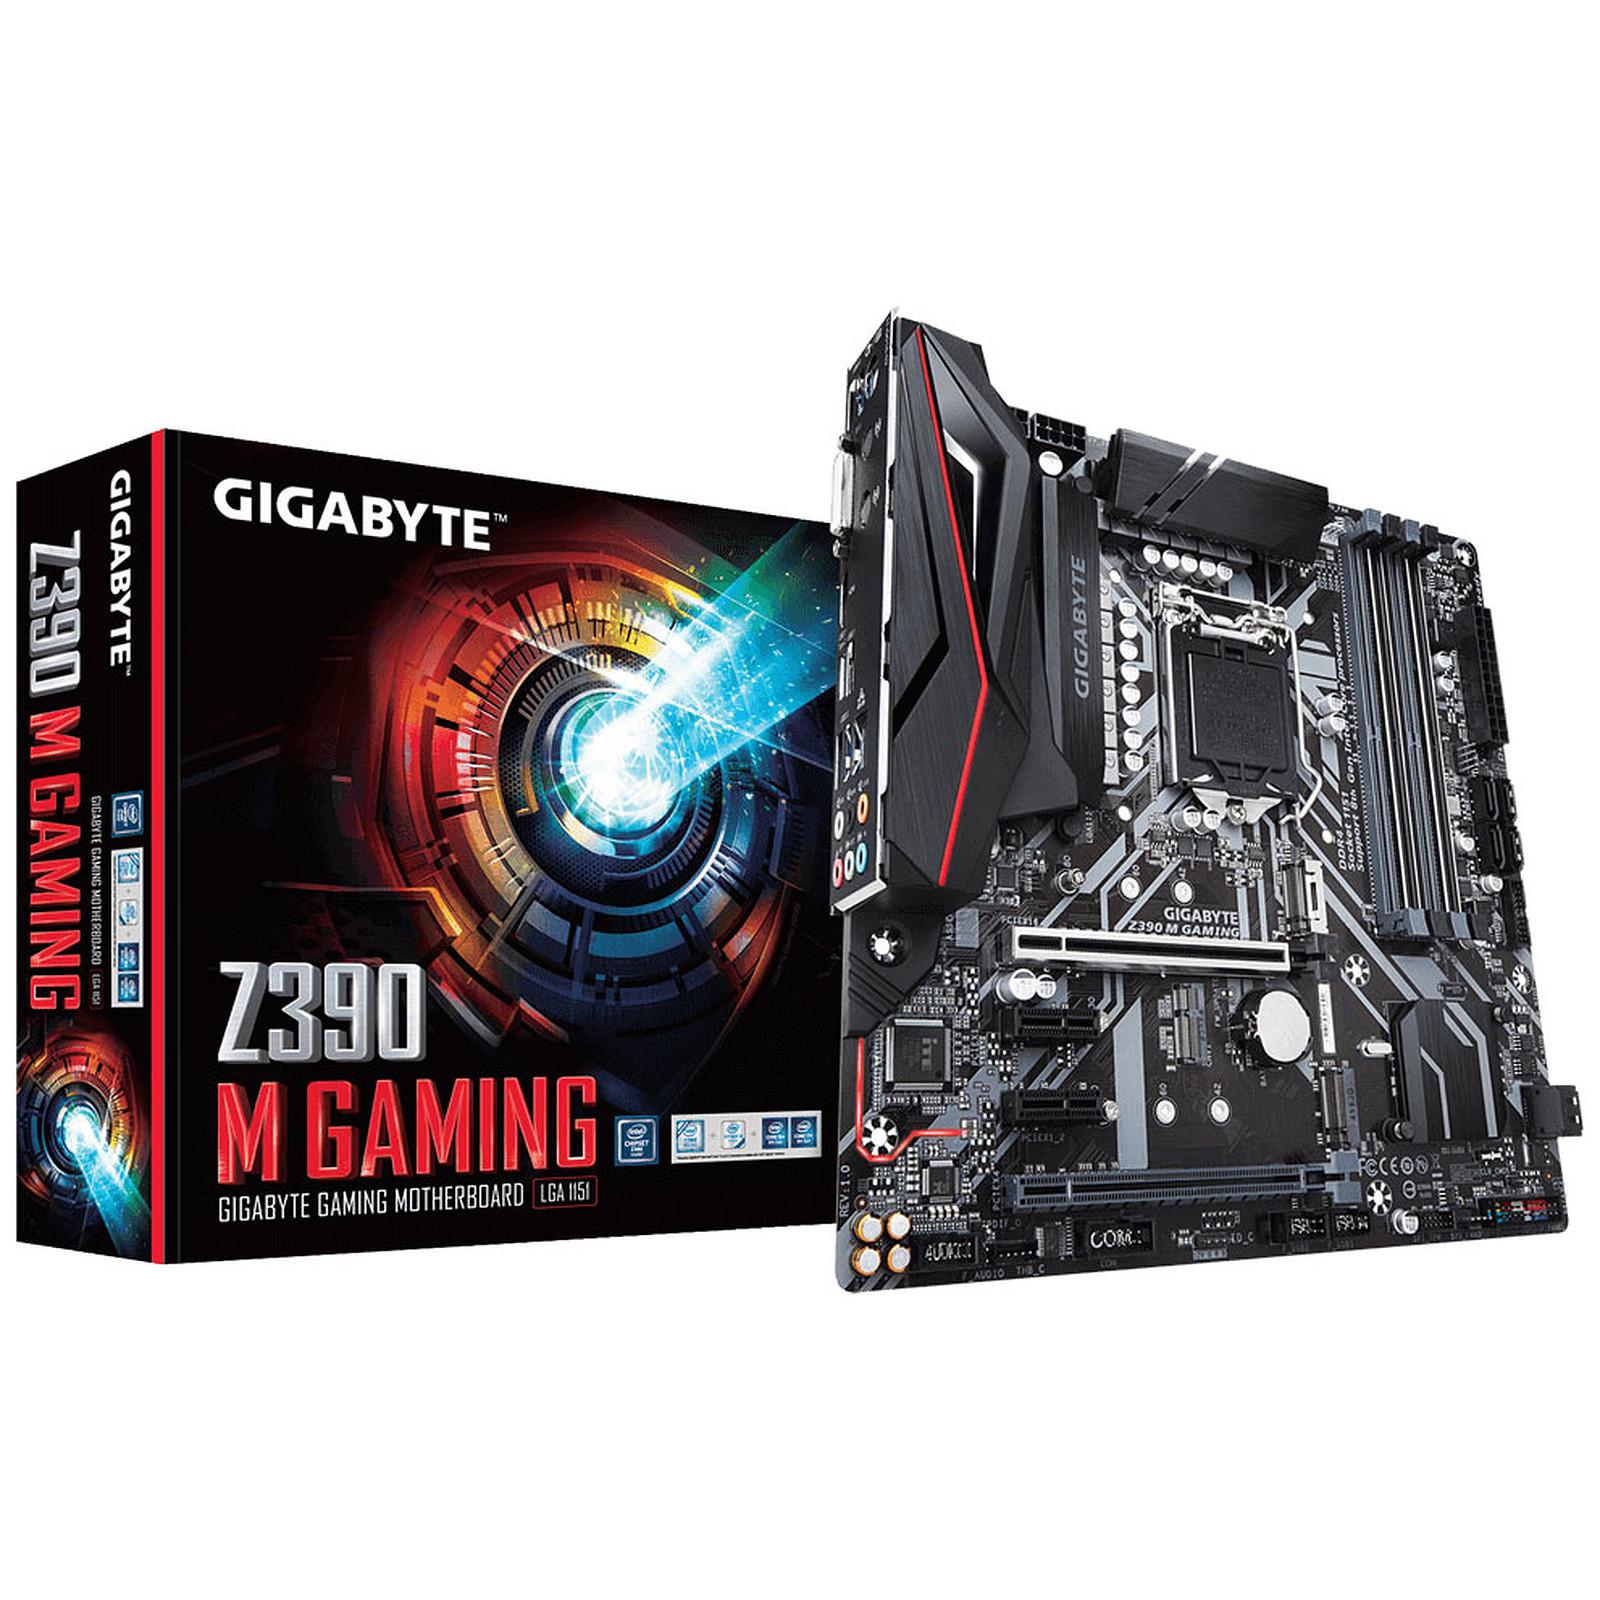 Gigabyte Z390M Gaming